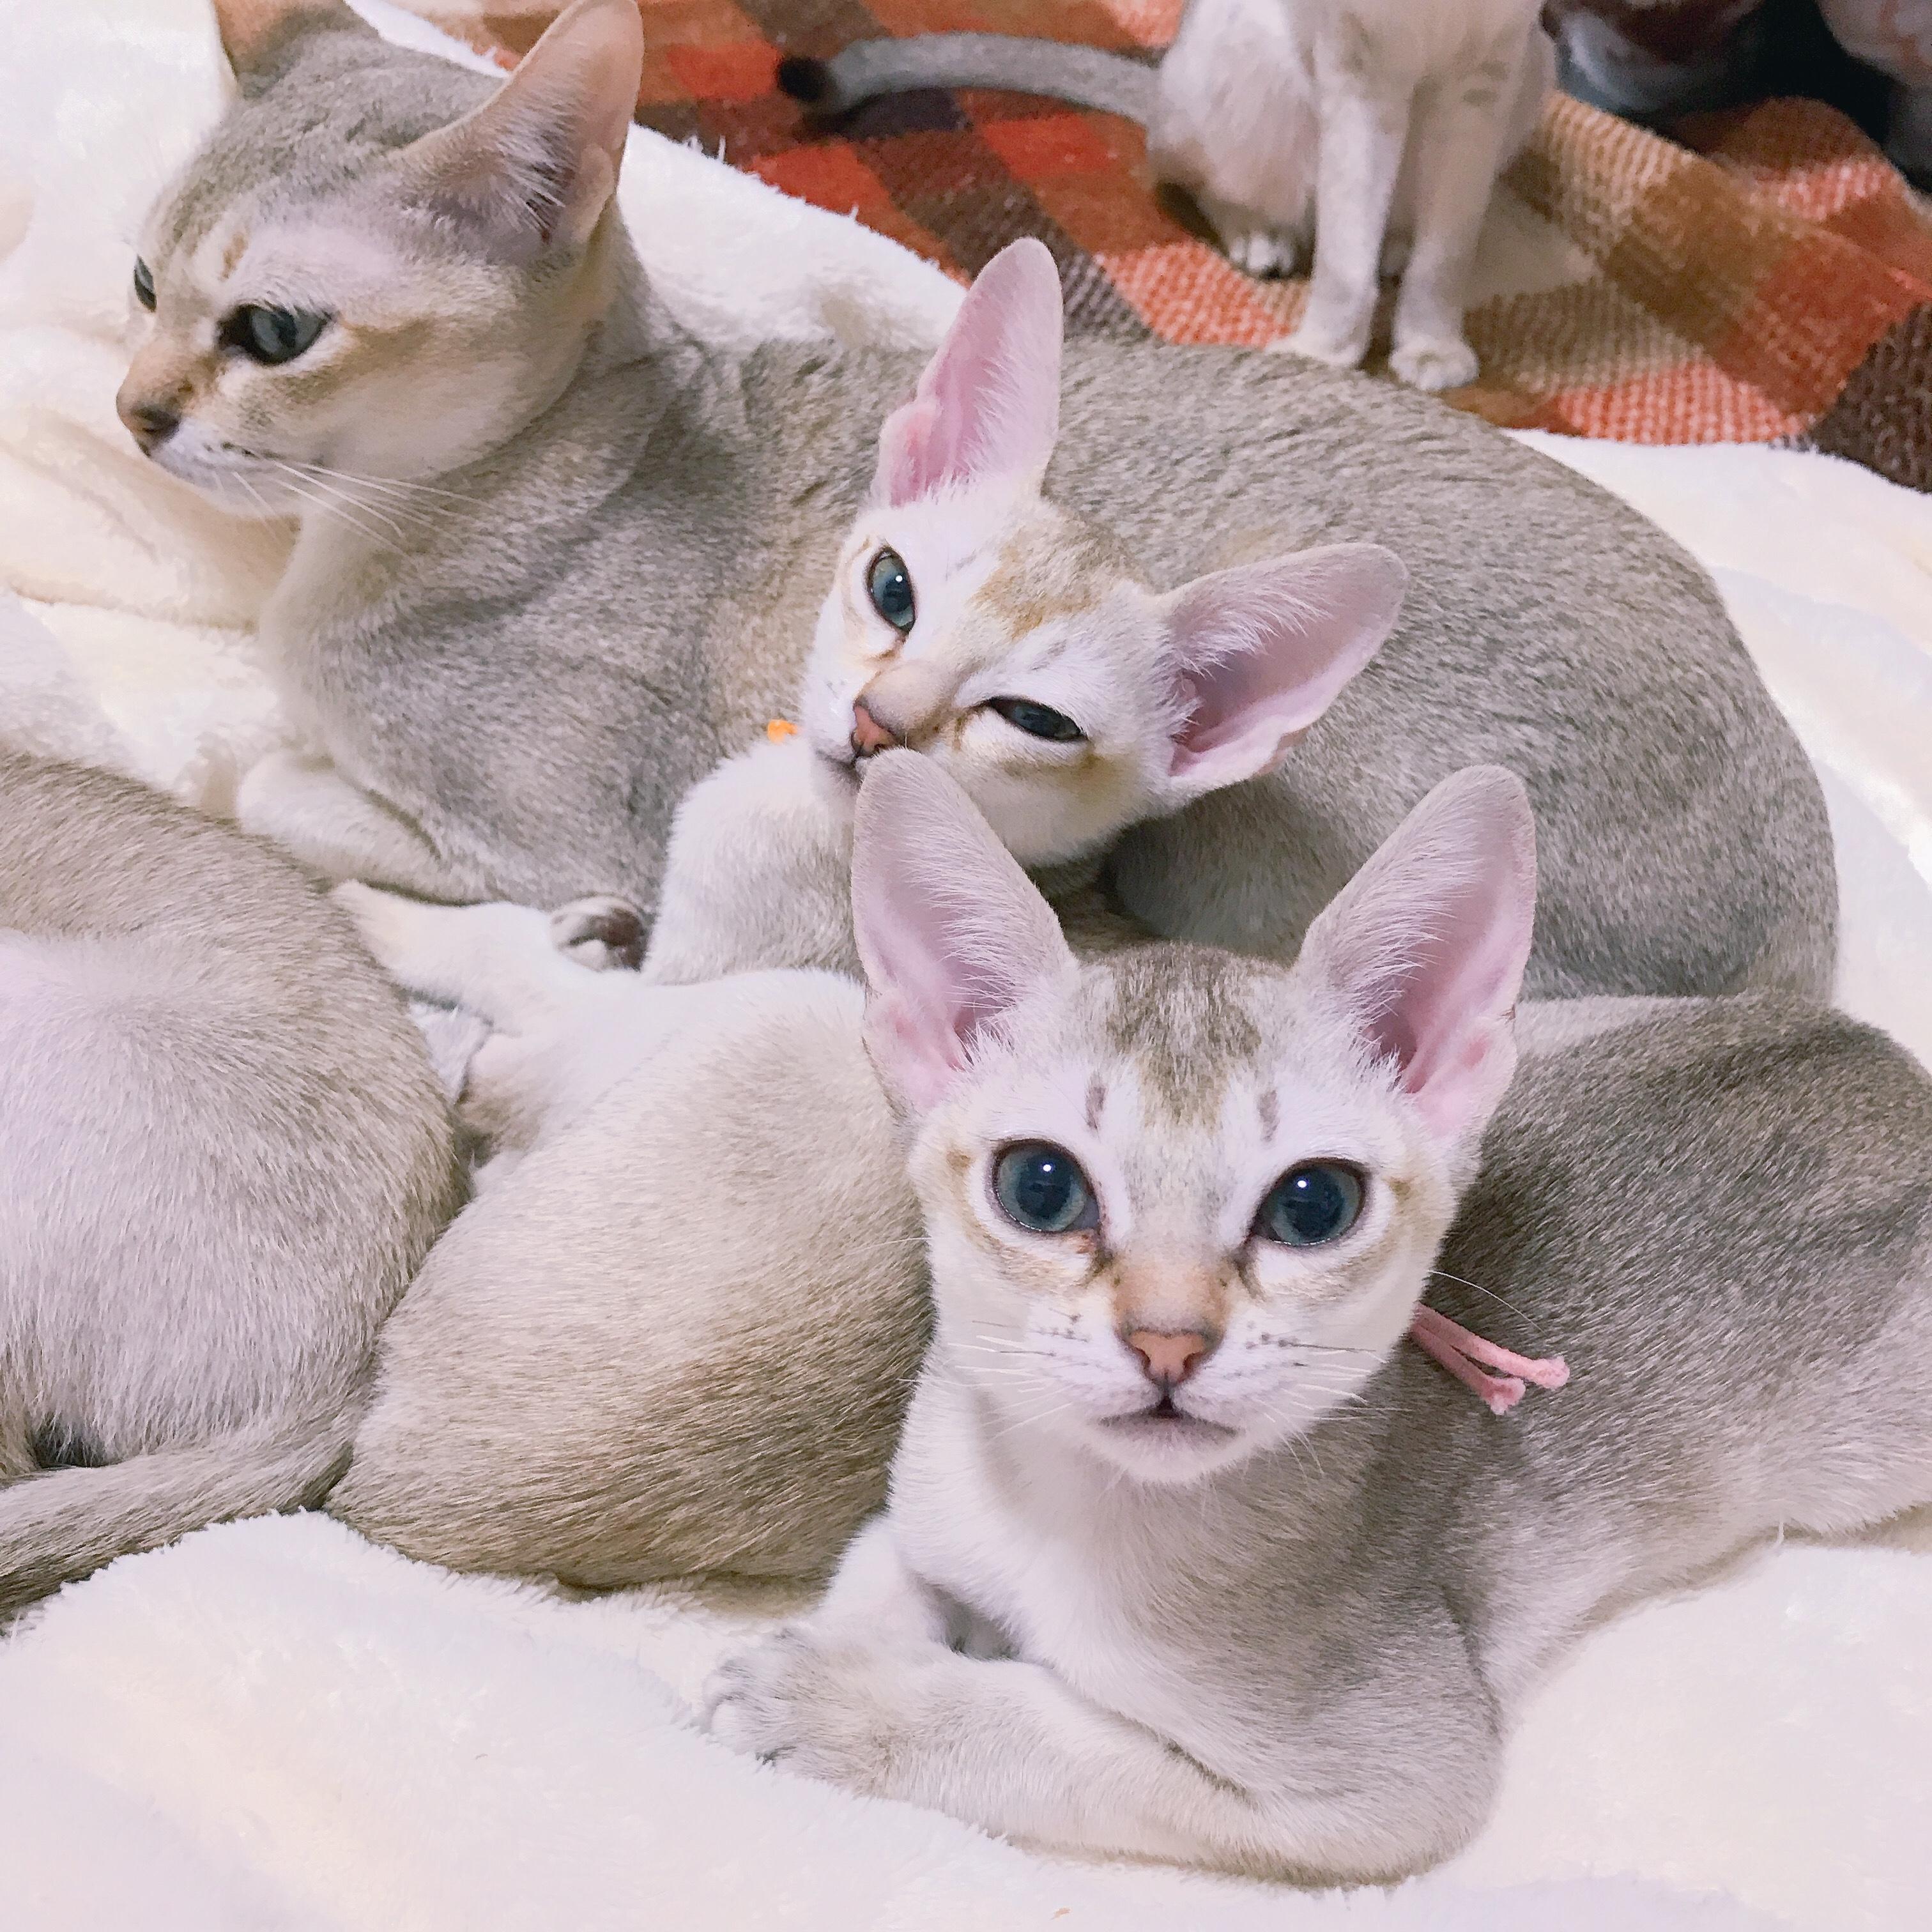 シンガプーラ シンガプーラ子猫 シンガプーラ販売 シンガプーラ大阪シンガプーラ高知シンガプーラ里親アンファミリーシンガプーラブリーダーシンガプーラブリーダー子猫シンガプーラブリーダー販売シンガプーラブリーダー大阪シンガプーラブリーダー高知ブリーダー育成シンガプーラ2019年の子猫